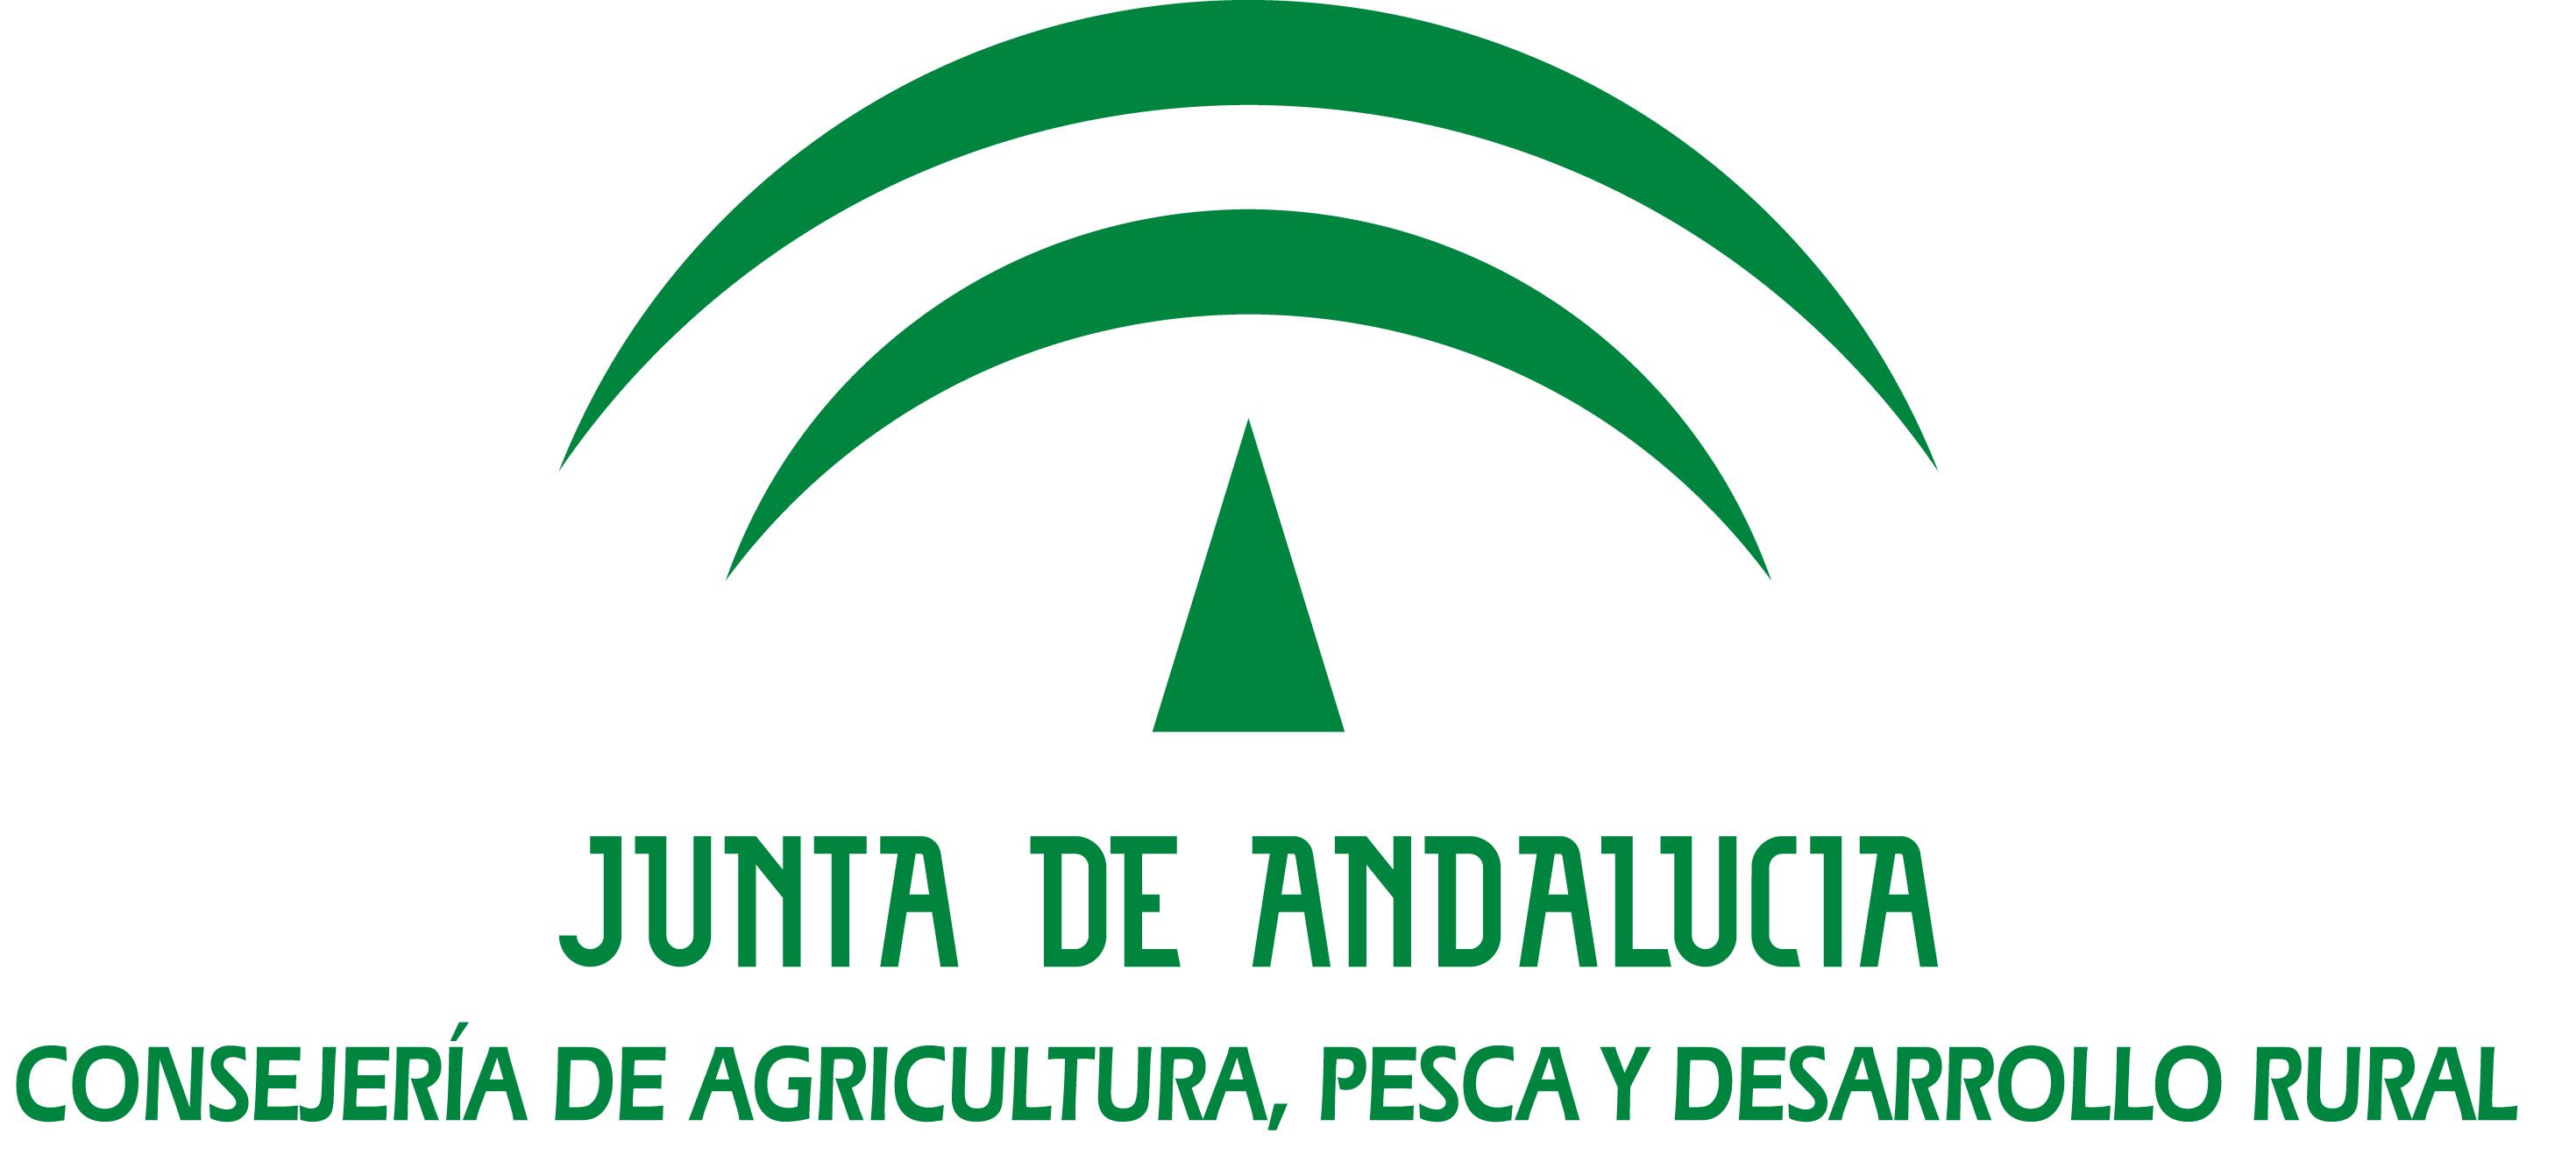 Junta de andaluc a la consejer a de agricultura reordena sus competencias en infraestructuras - Pisos de la junta de andalucia ...